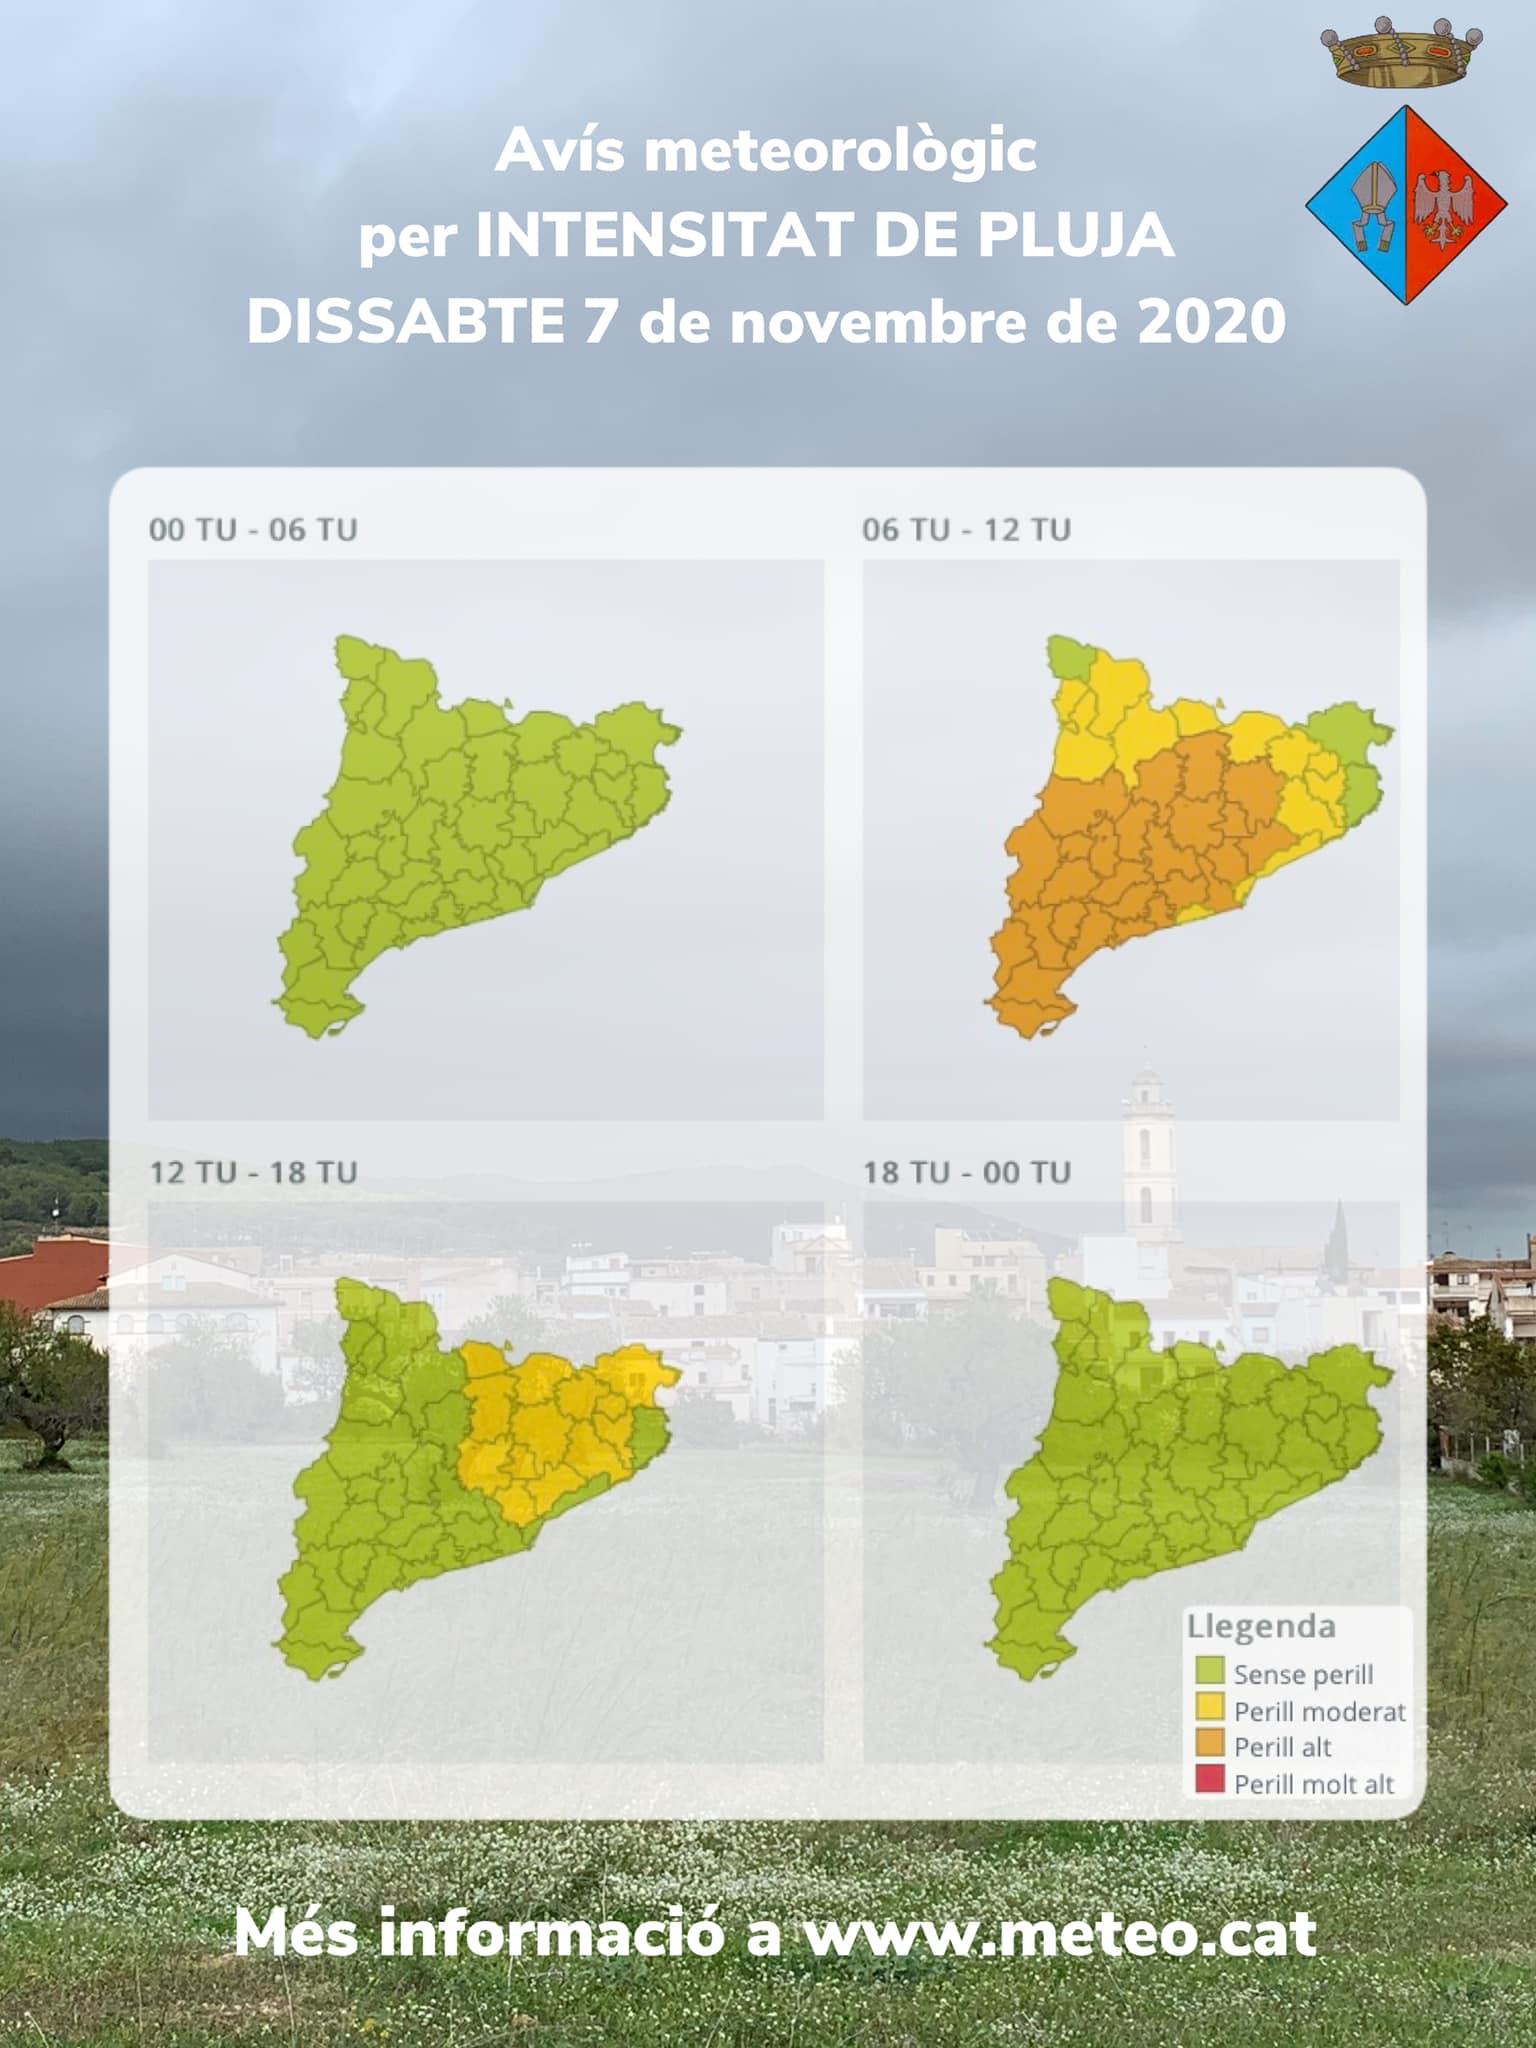 Avís per intensitat de pluja, tempestes i possibles fenòmens de temps violent per al dissabte 7 de novembre de 2020